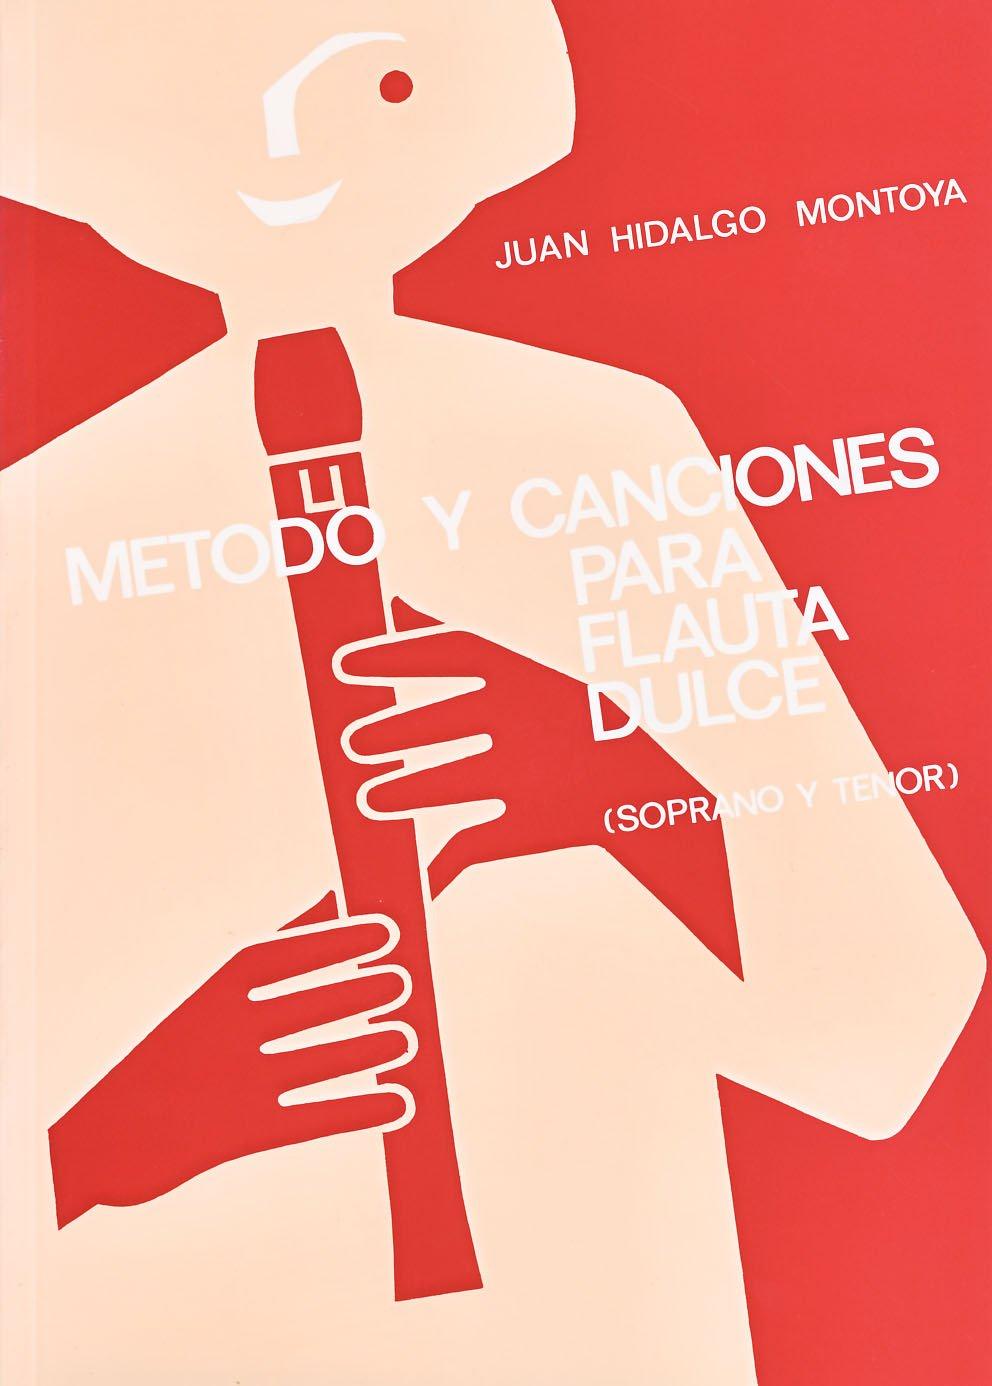 Montoya J H Metodo Y Canciones Para Flauta Dulce Soprano Y Tenor Montoya J H Amazon Com Books